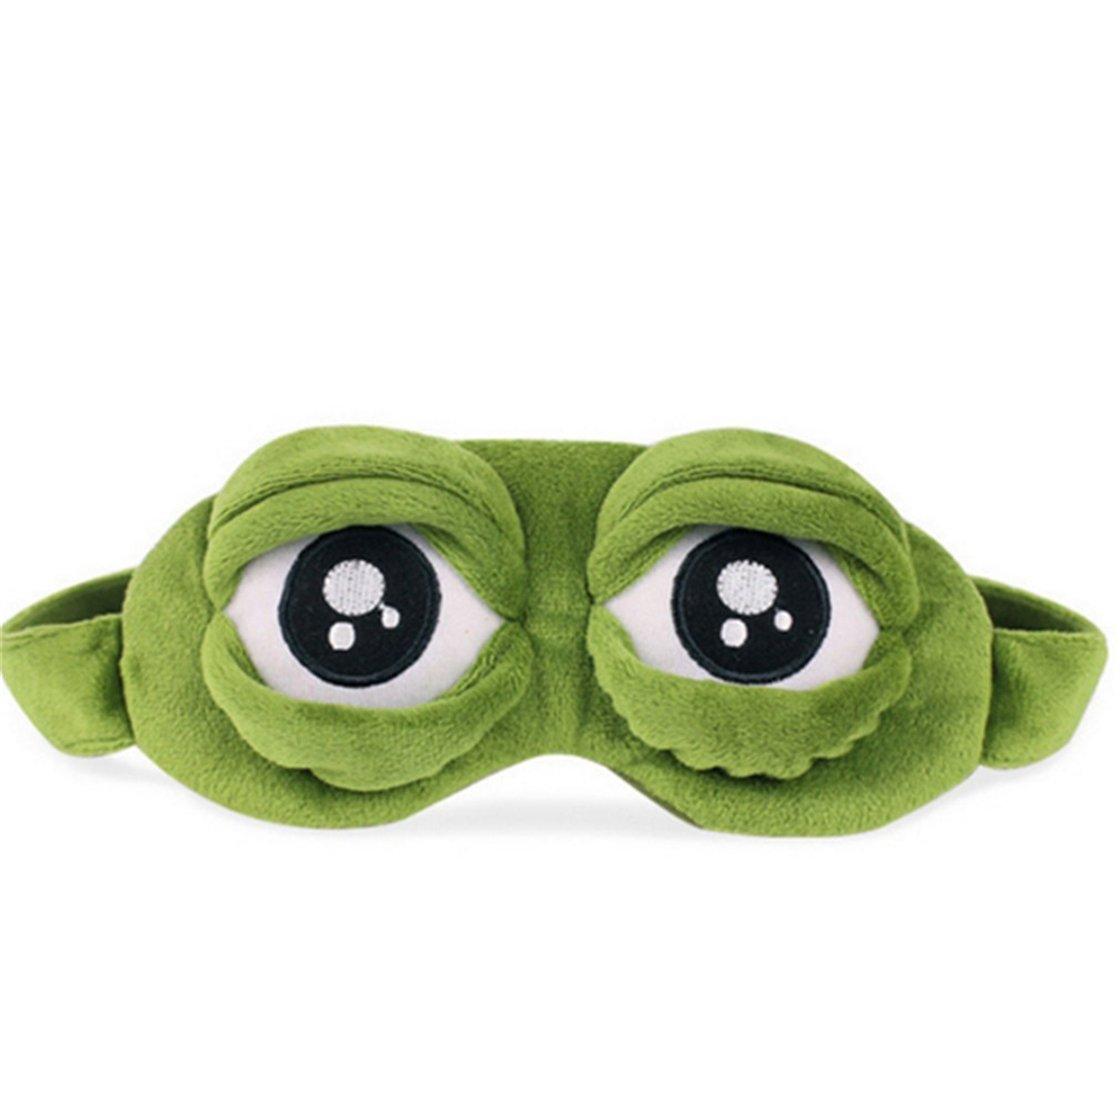 Meolin 3D Frog Sleep Mask Cartoon Sleeping Eye Cover Blinder